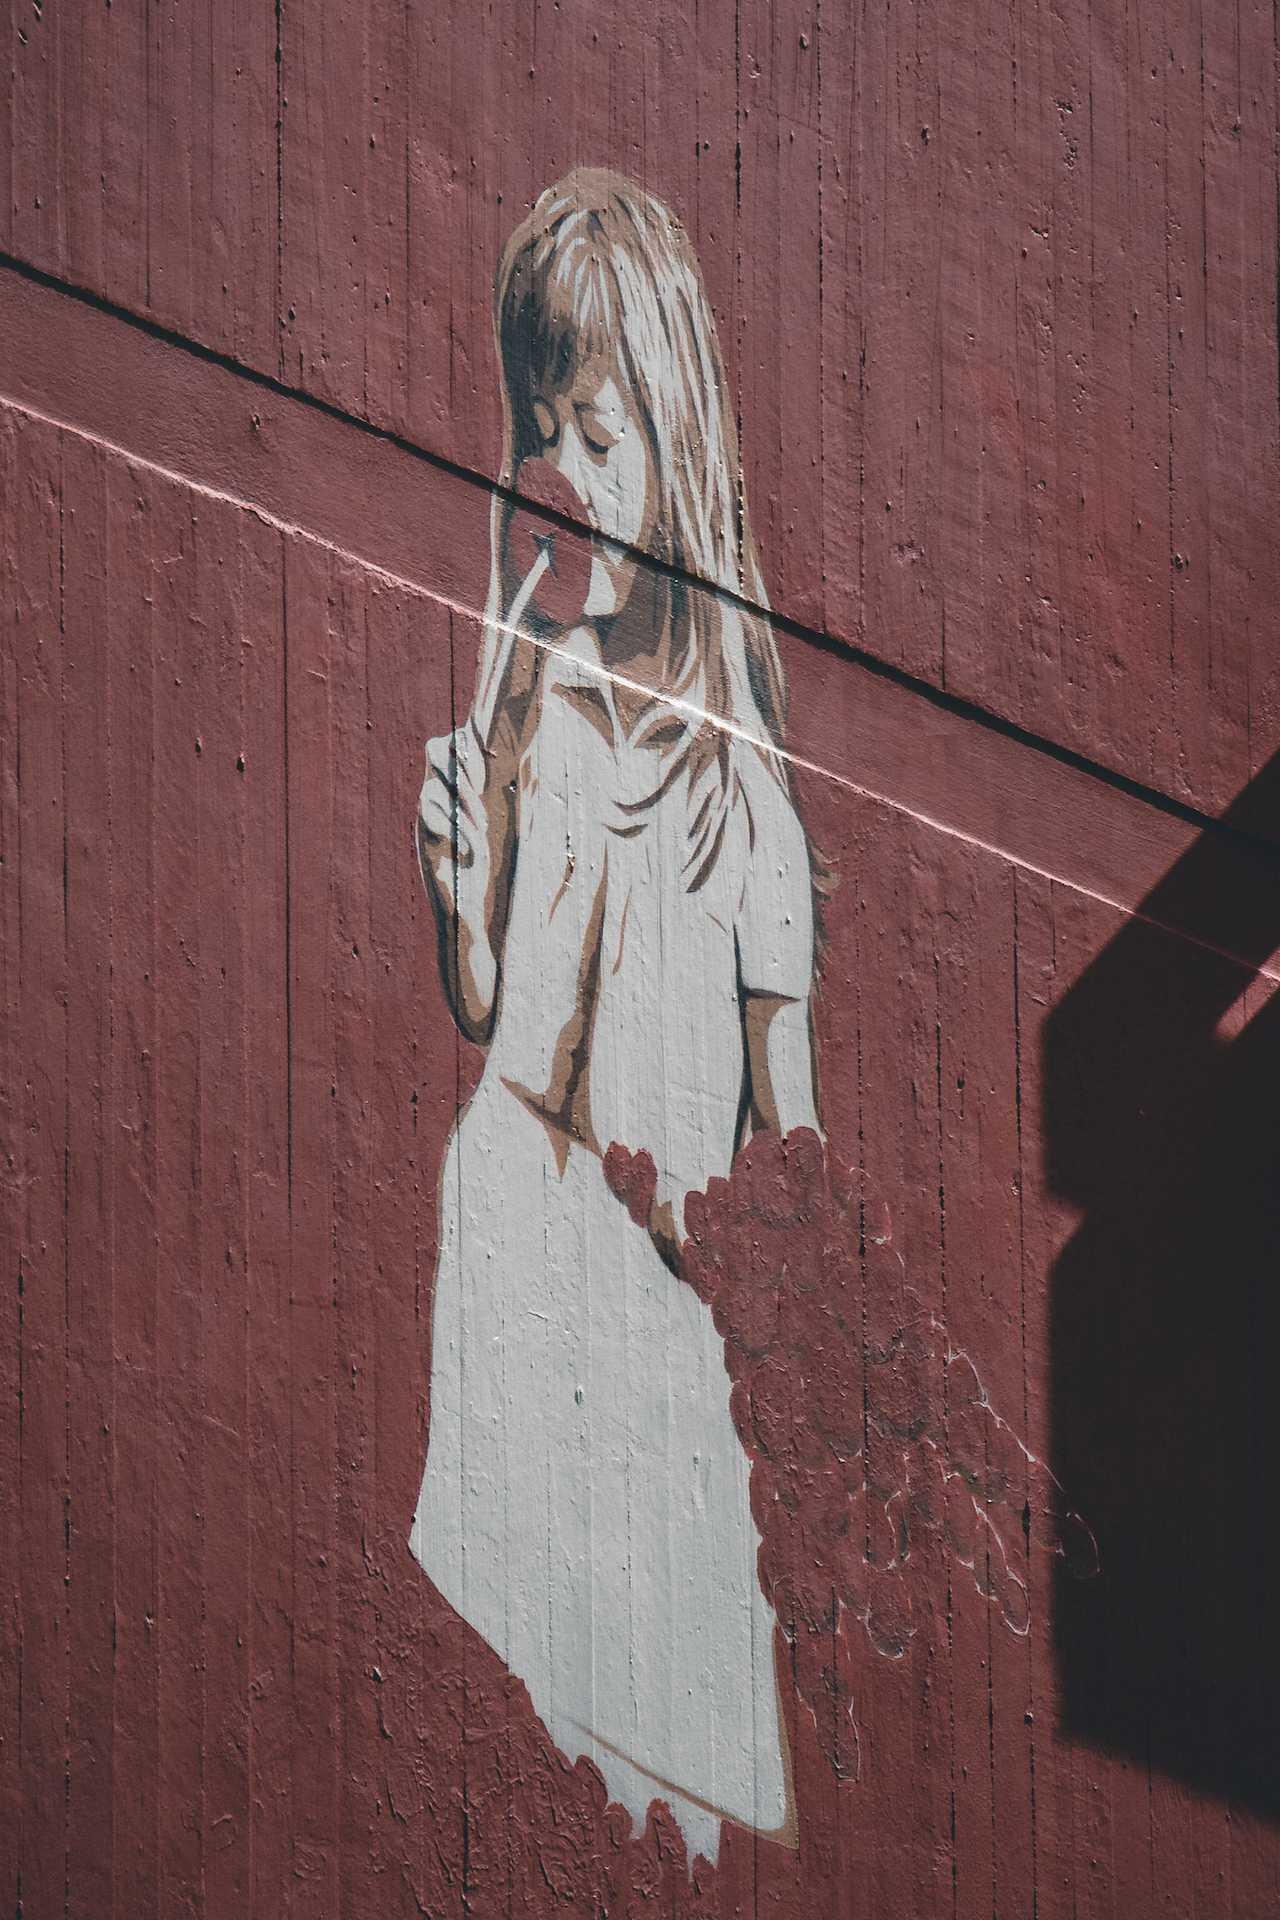 murale wStavanger